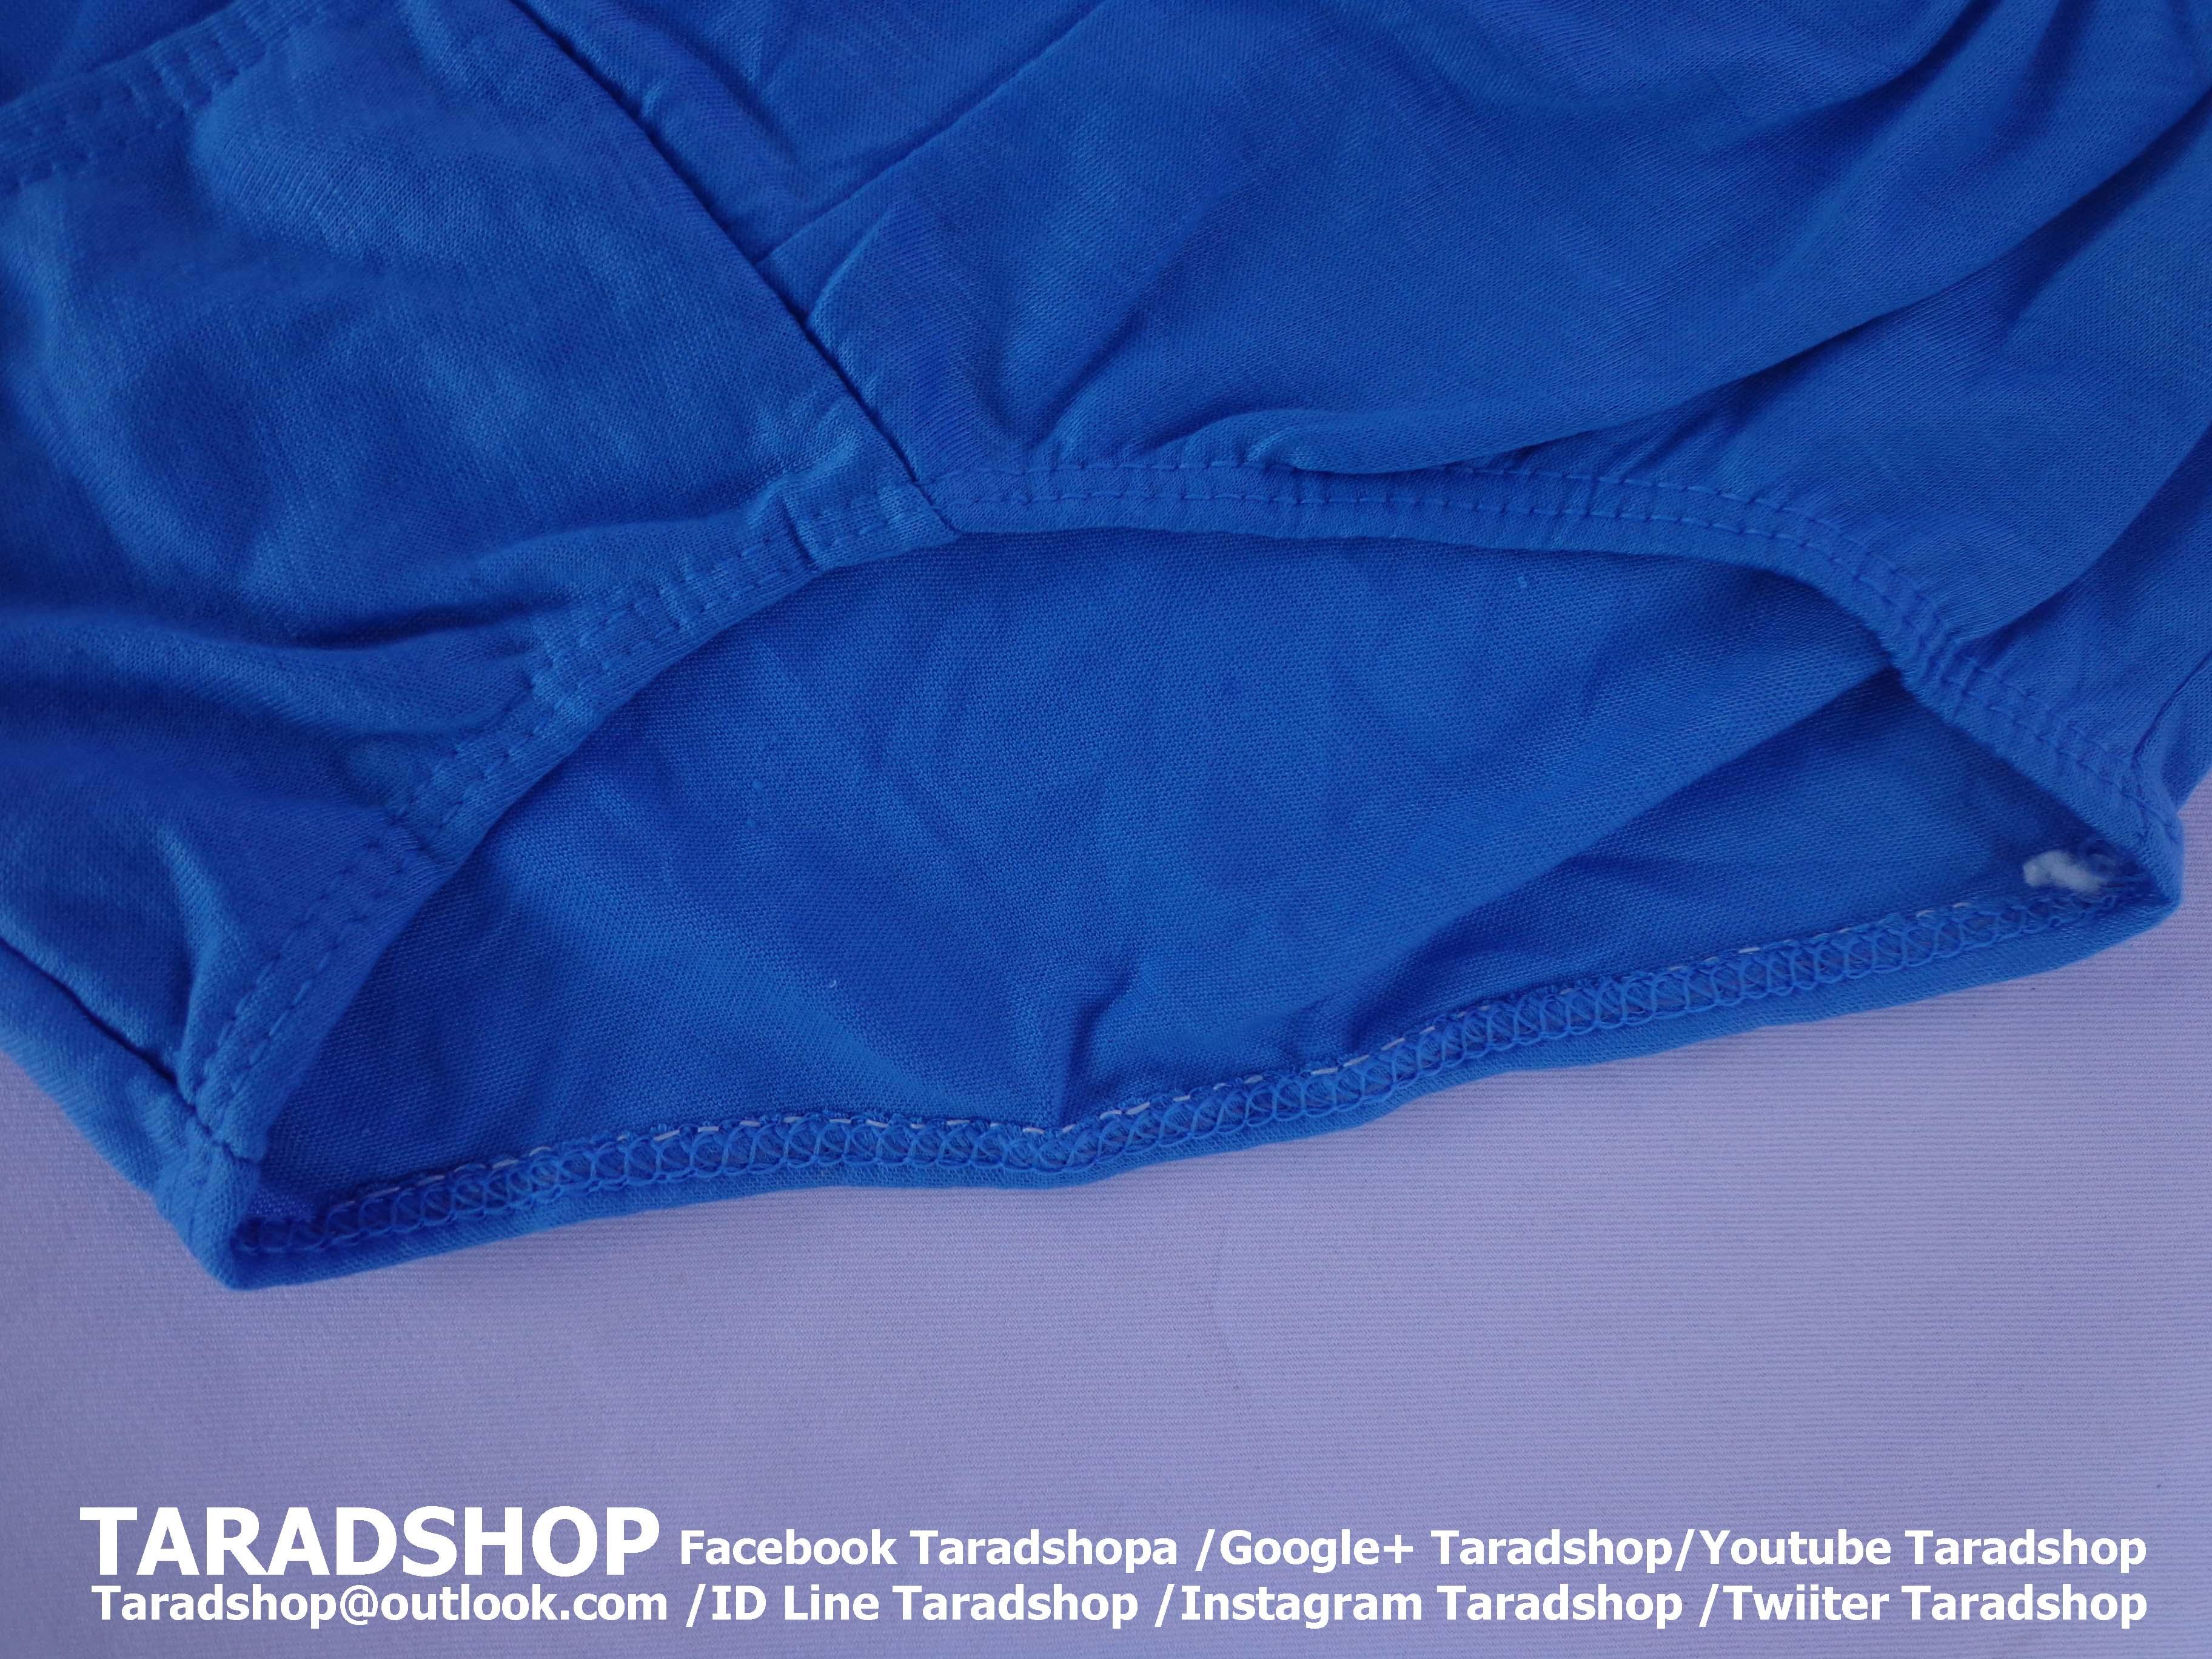 กางเกงใน ผู้ชาย ไซส์ XXXL--4